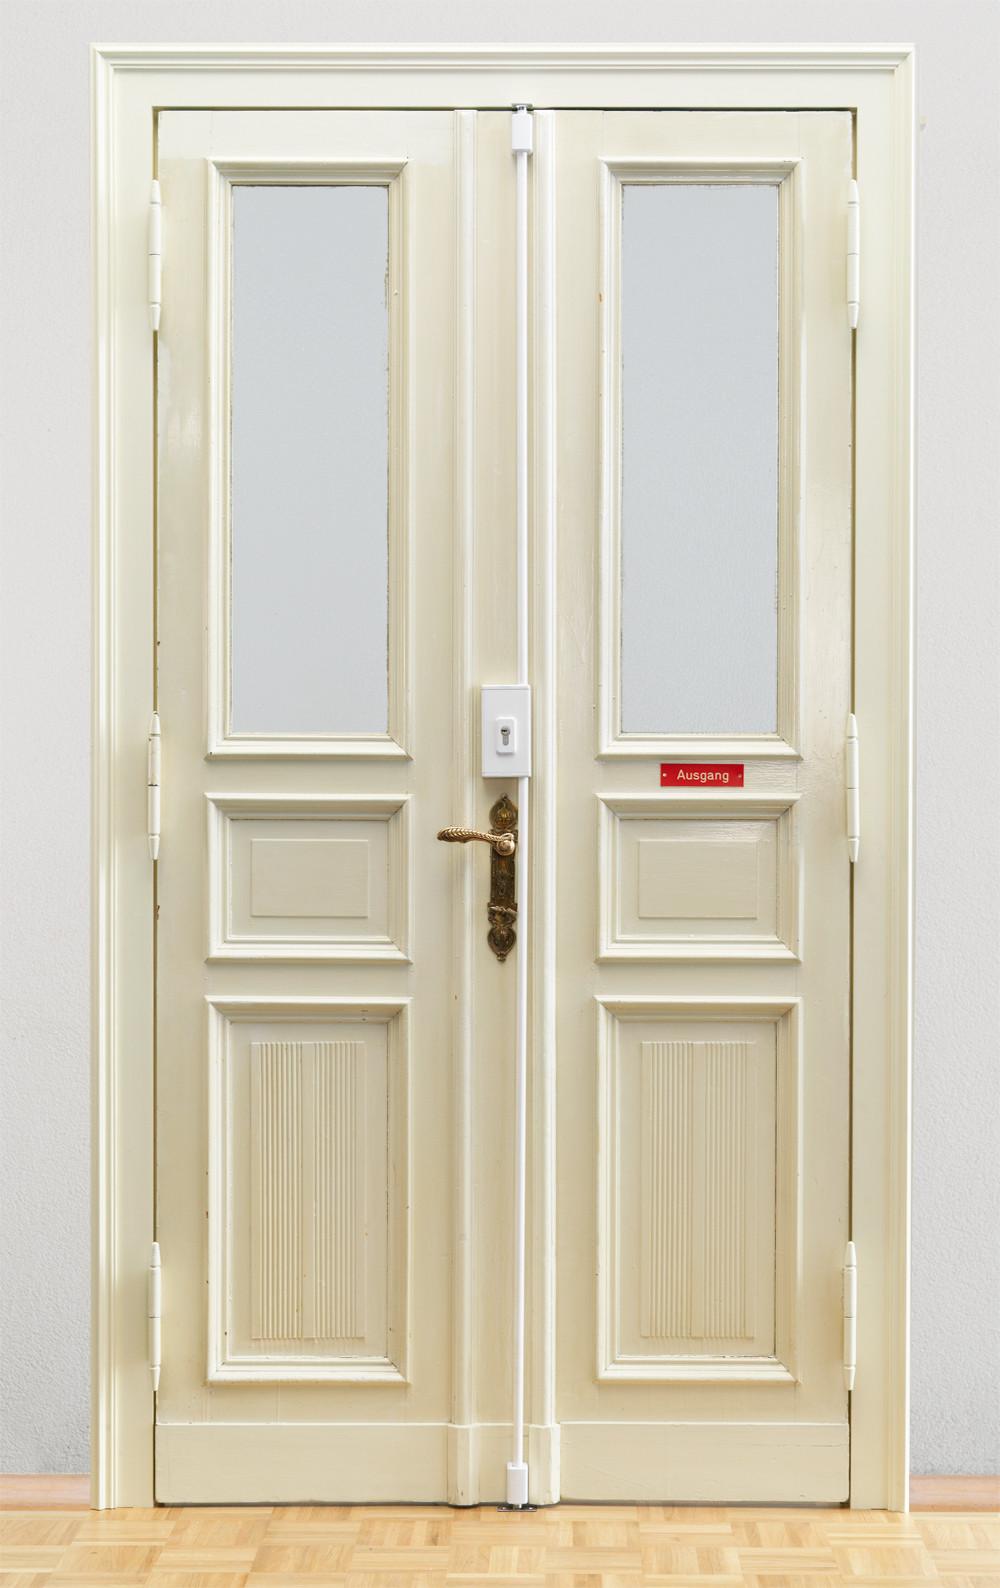 abus tss550 t r stangenschloss f r haus und altbaut ren. Black Bedroom Furniture Sets. Home Design Ideas